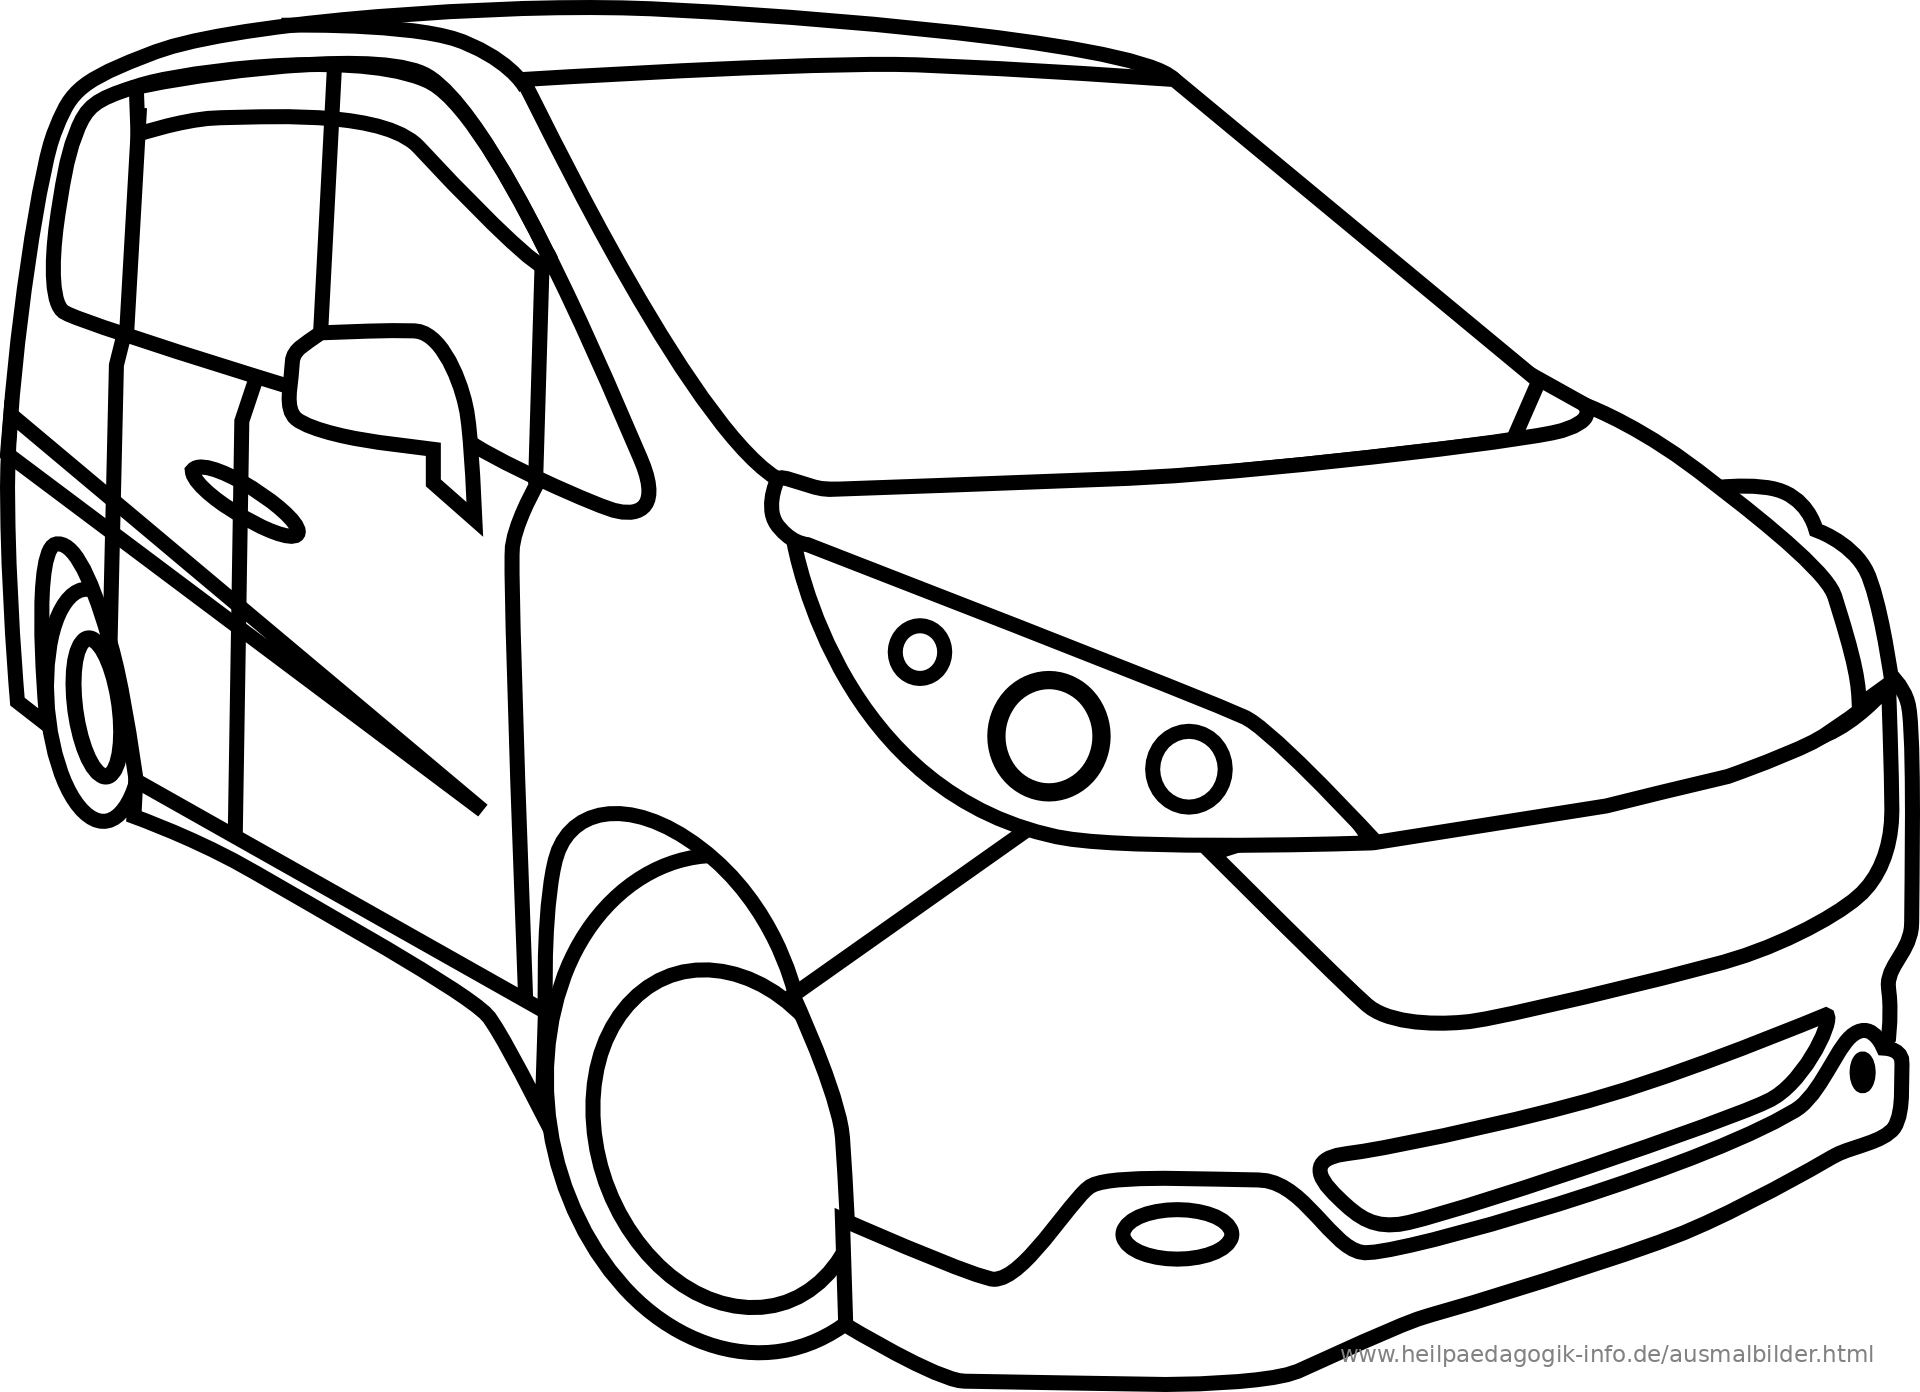 malvorlagen autos zum ausdrucken